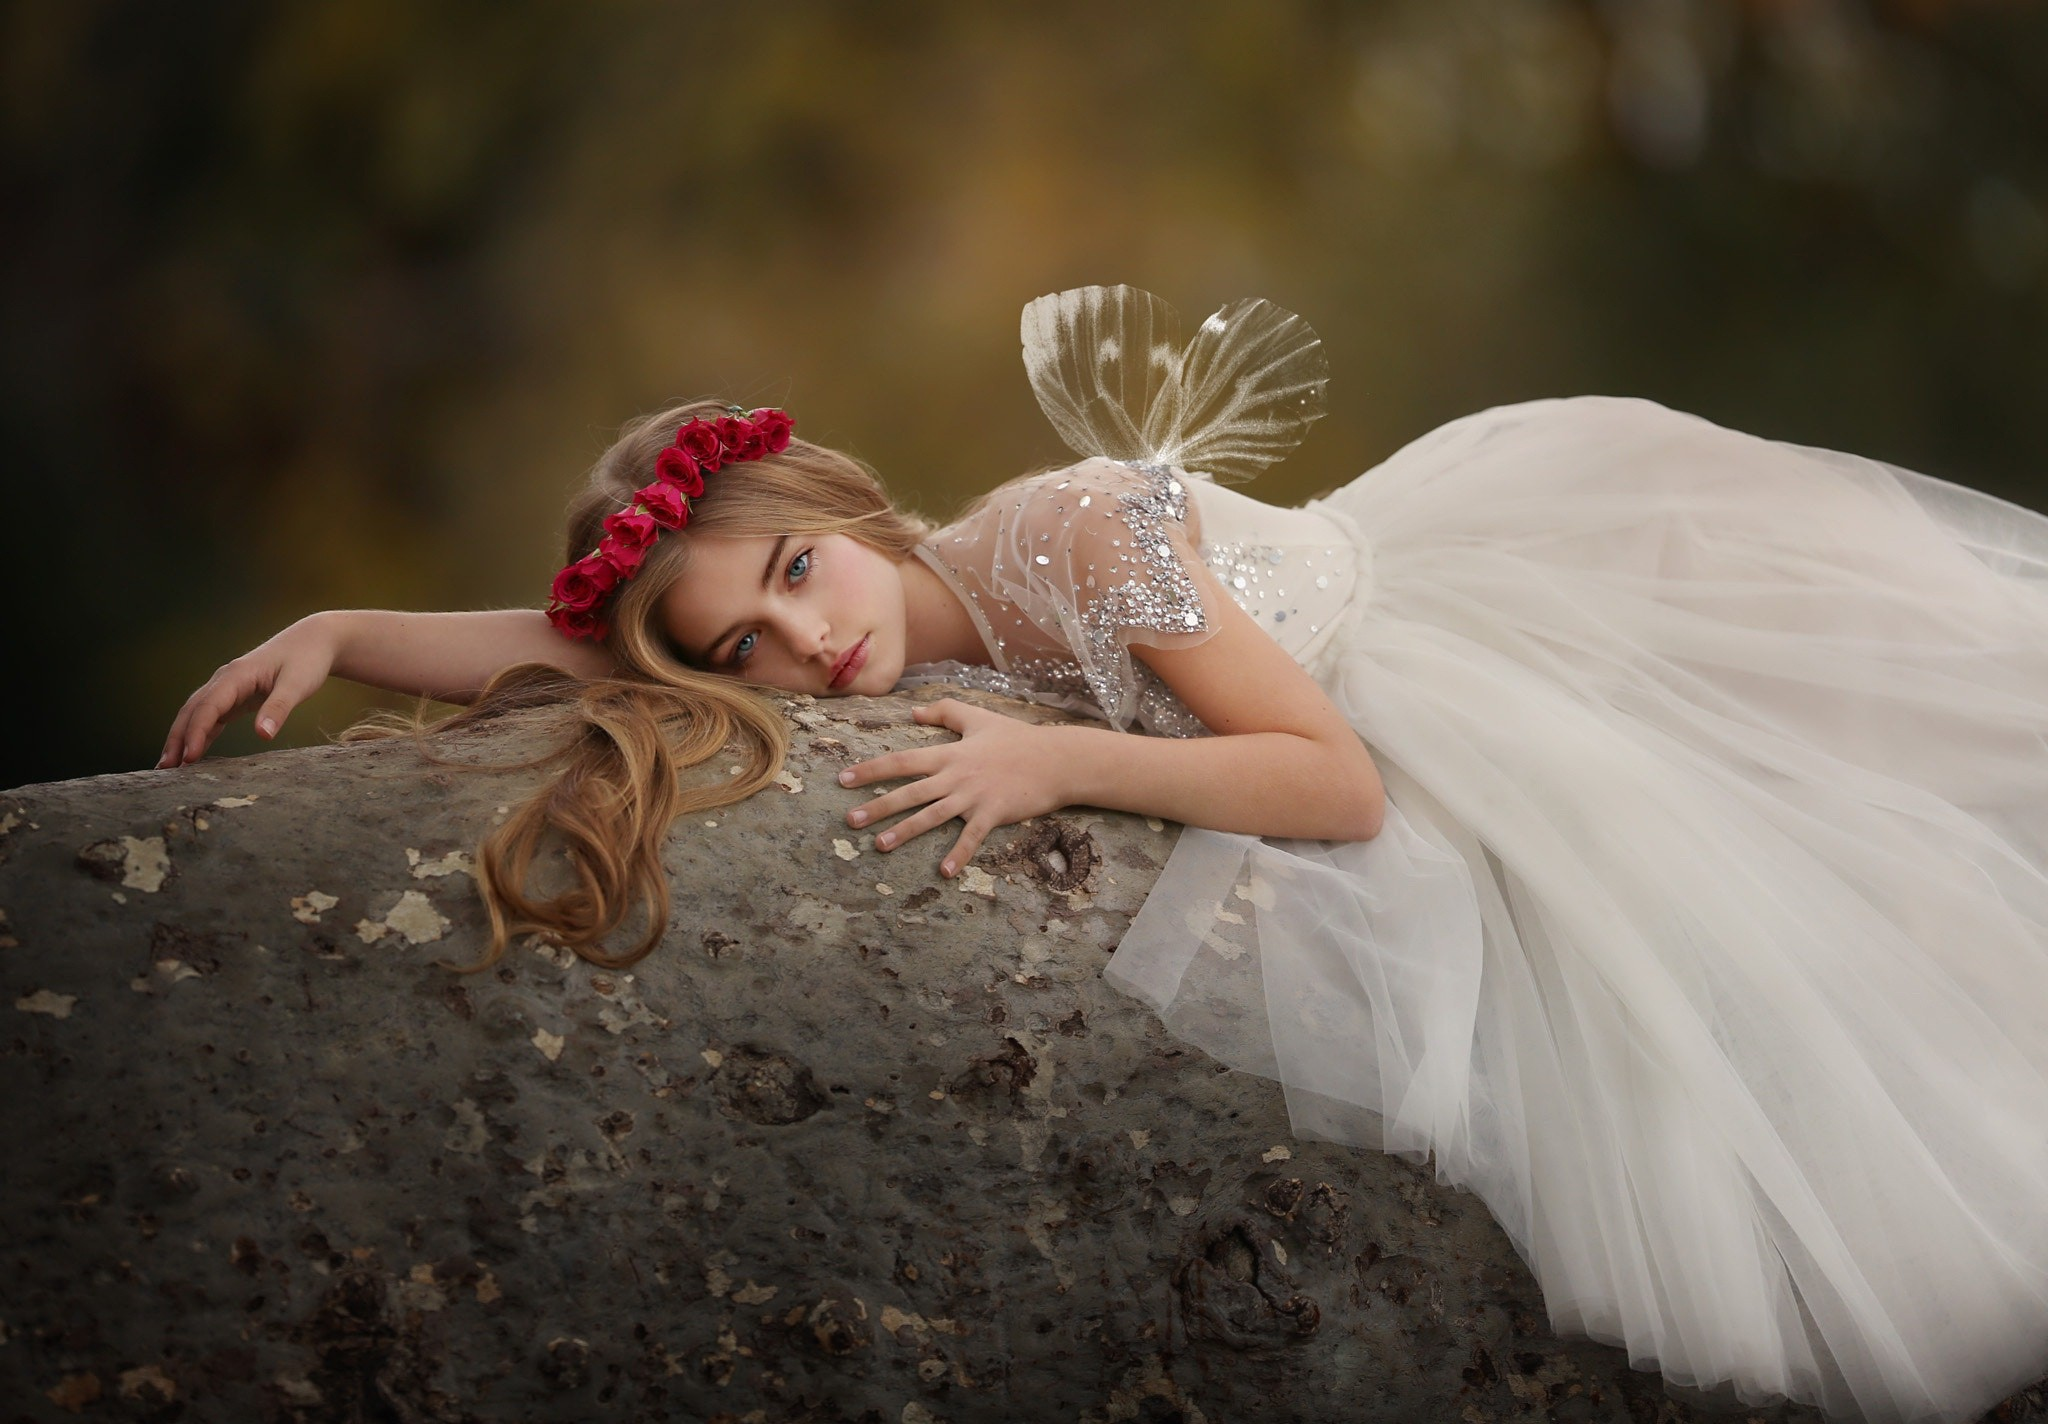 герань это фото фея ангел хорошего качества этом